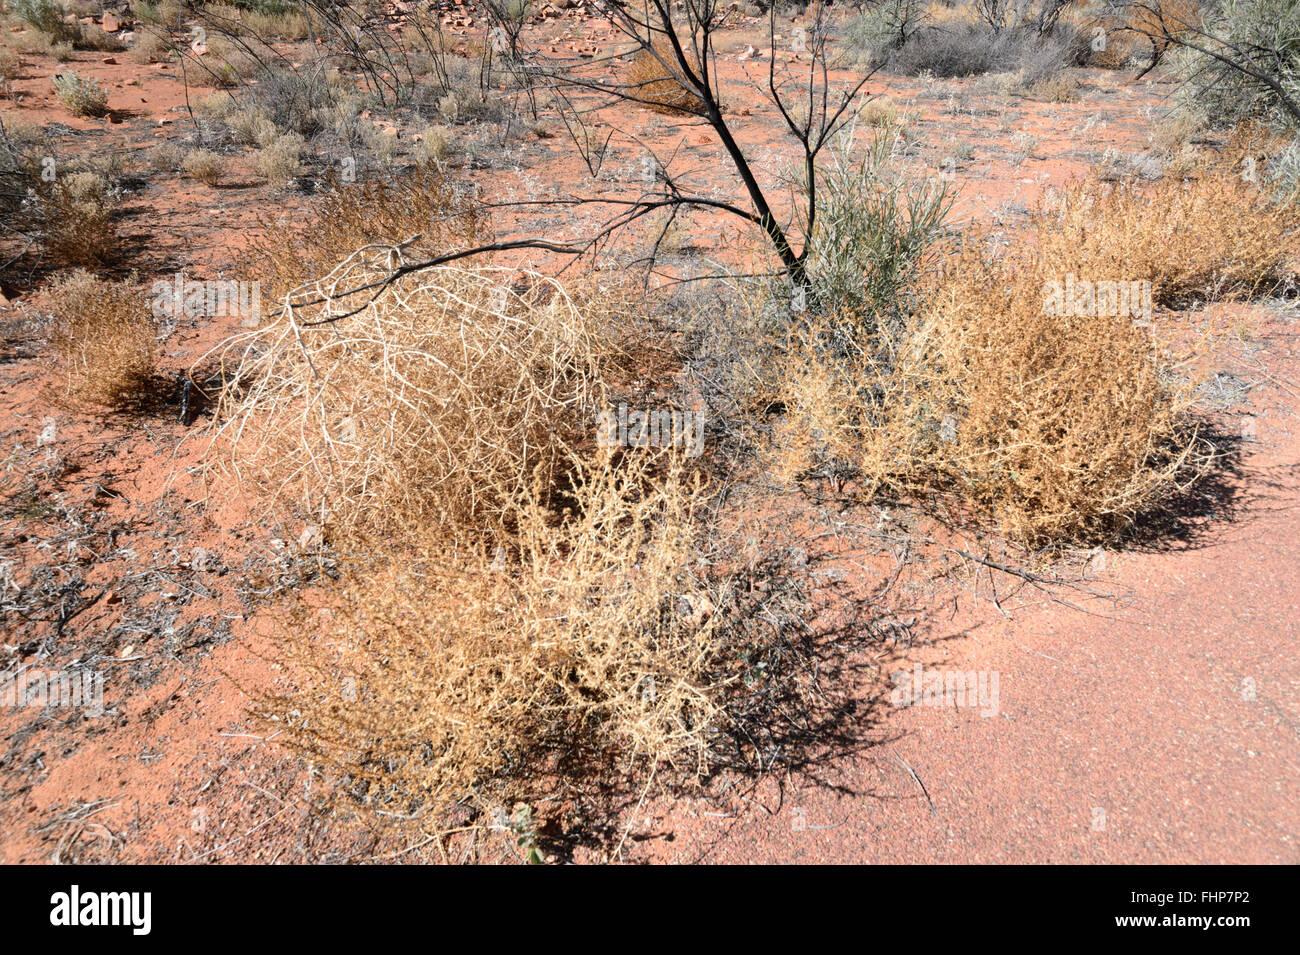 La vegetación del desierto, el Territorio del Norte, Australia Imagen De Stock